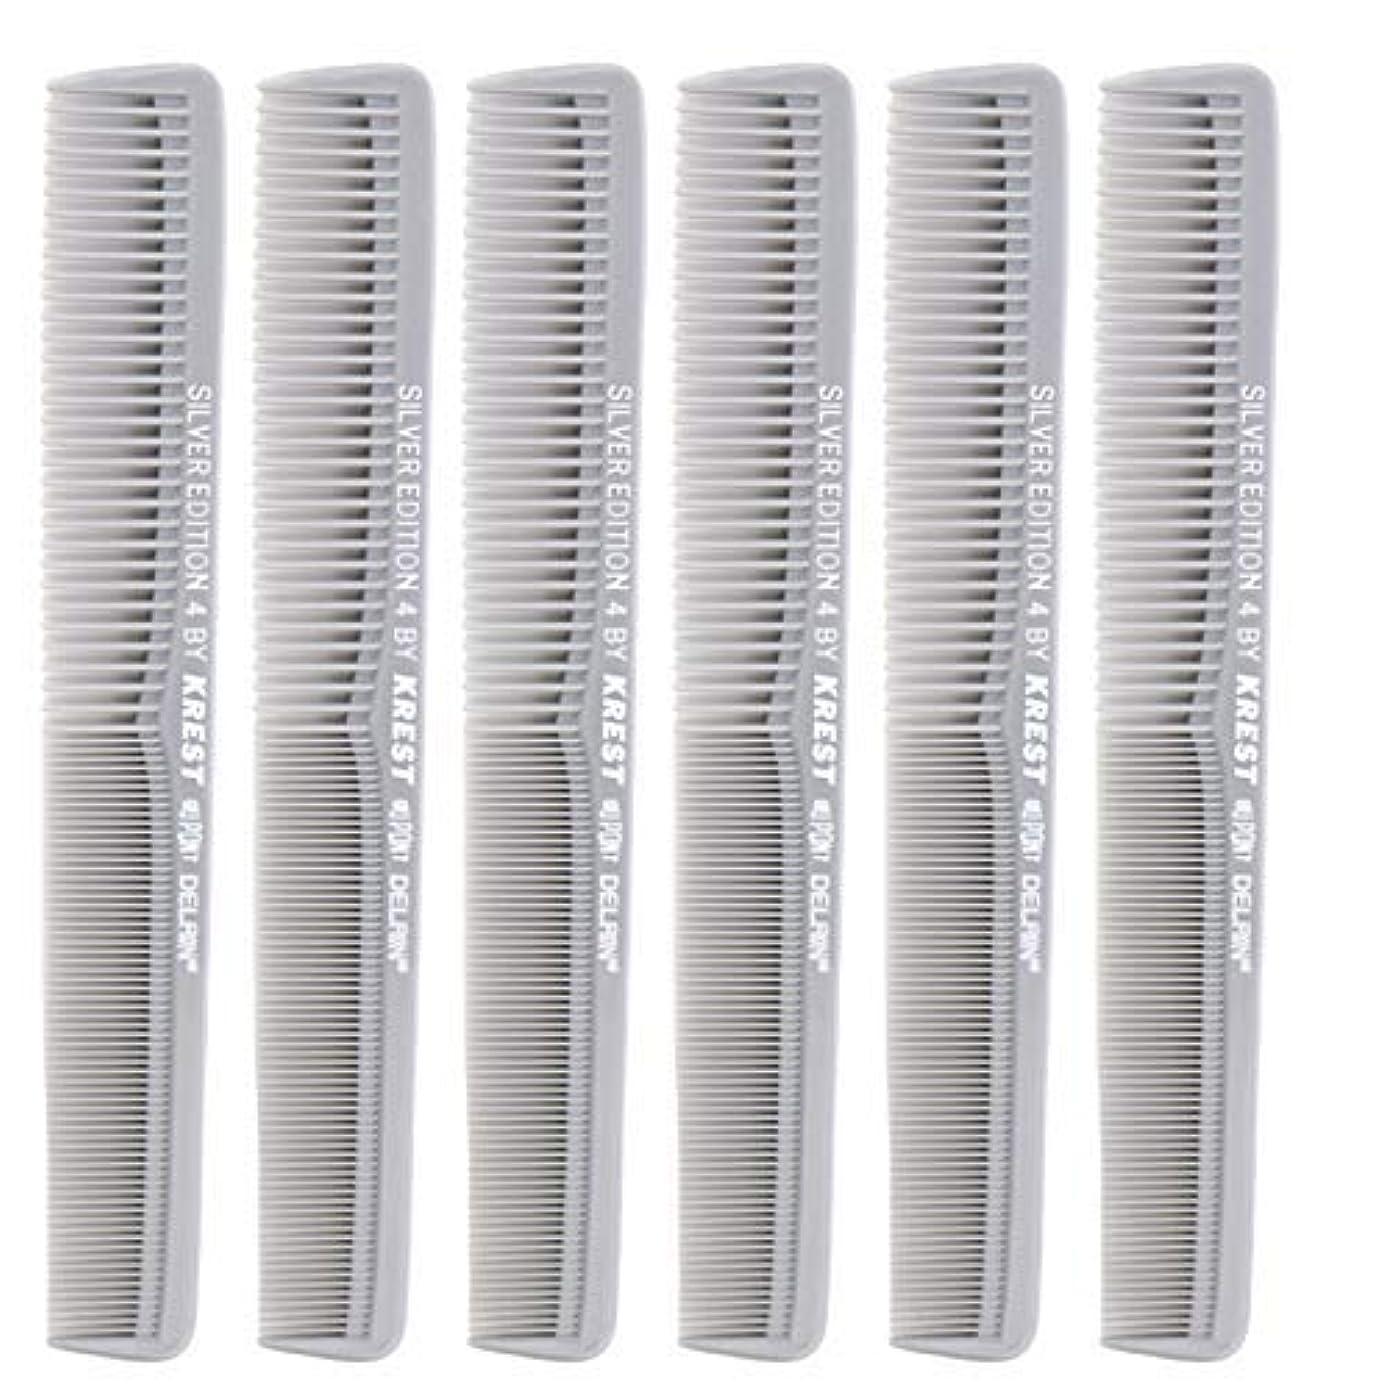 火山学者シーズン鼻7 In. Silver Edition Heat Resistant All Purpose Hair Comb Model #4 Krest Comb, [並行輸入品]